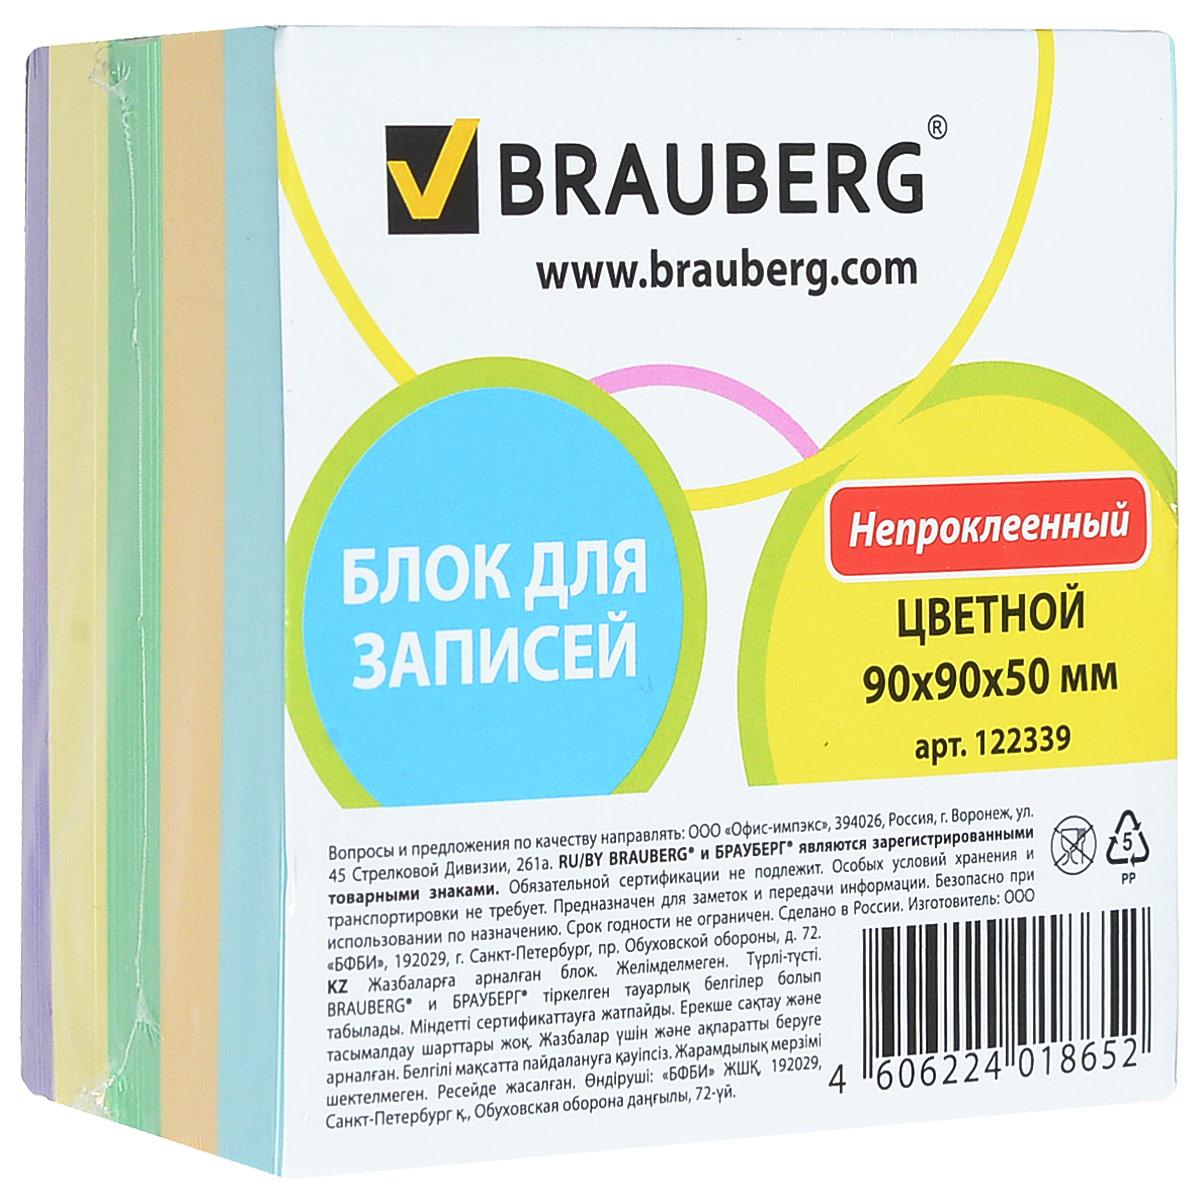 Brauberg Бумага для заметок 9 х 9 см 500 листов цвет мультиколорHN7676SBБумага для заметок Brauberg непременно привлечет к себе внимание.Бумага состоит из 500 разноцветных листочков, которые удобны для заметок, объявлений и других коротких сообщений. Сменные блоки бумаги предназначены для использования в пластиковых подставках и настольных органайзерах.